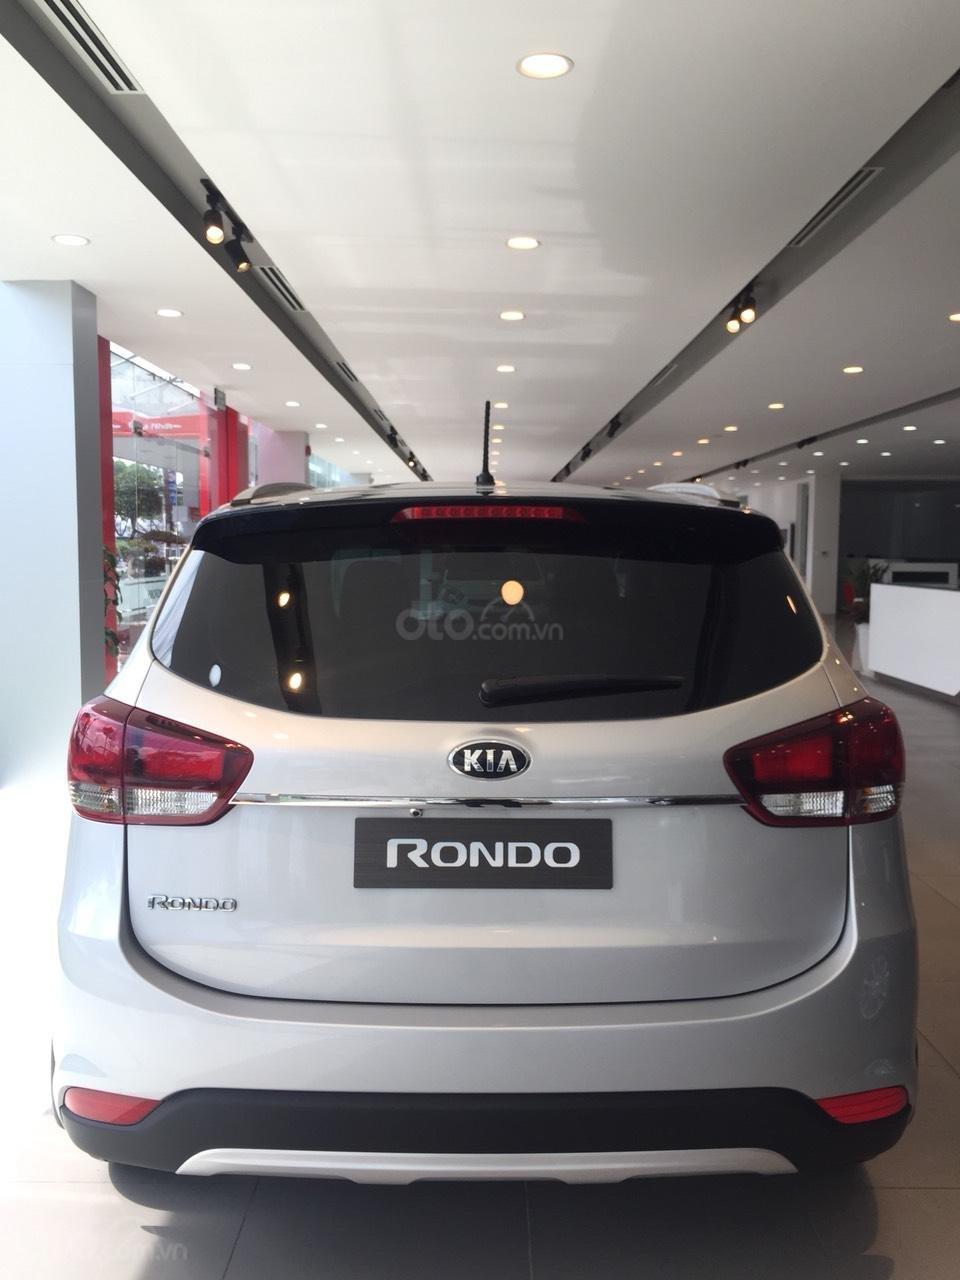 Bán xe Kia Rondo sản xuất năm 2019-3